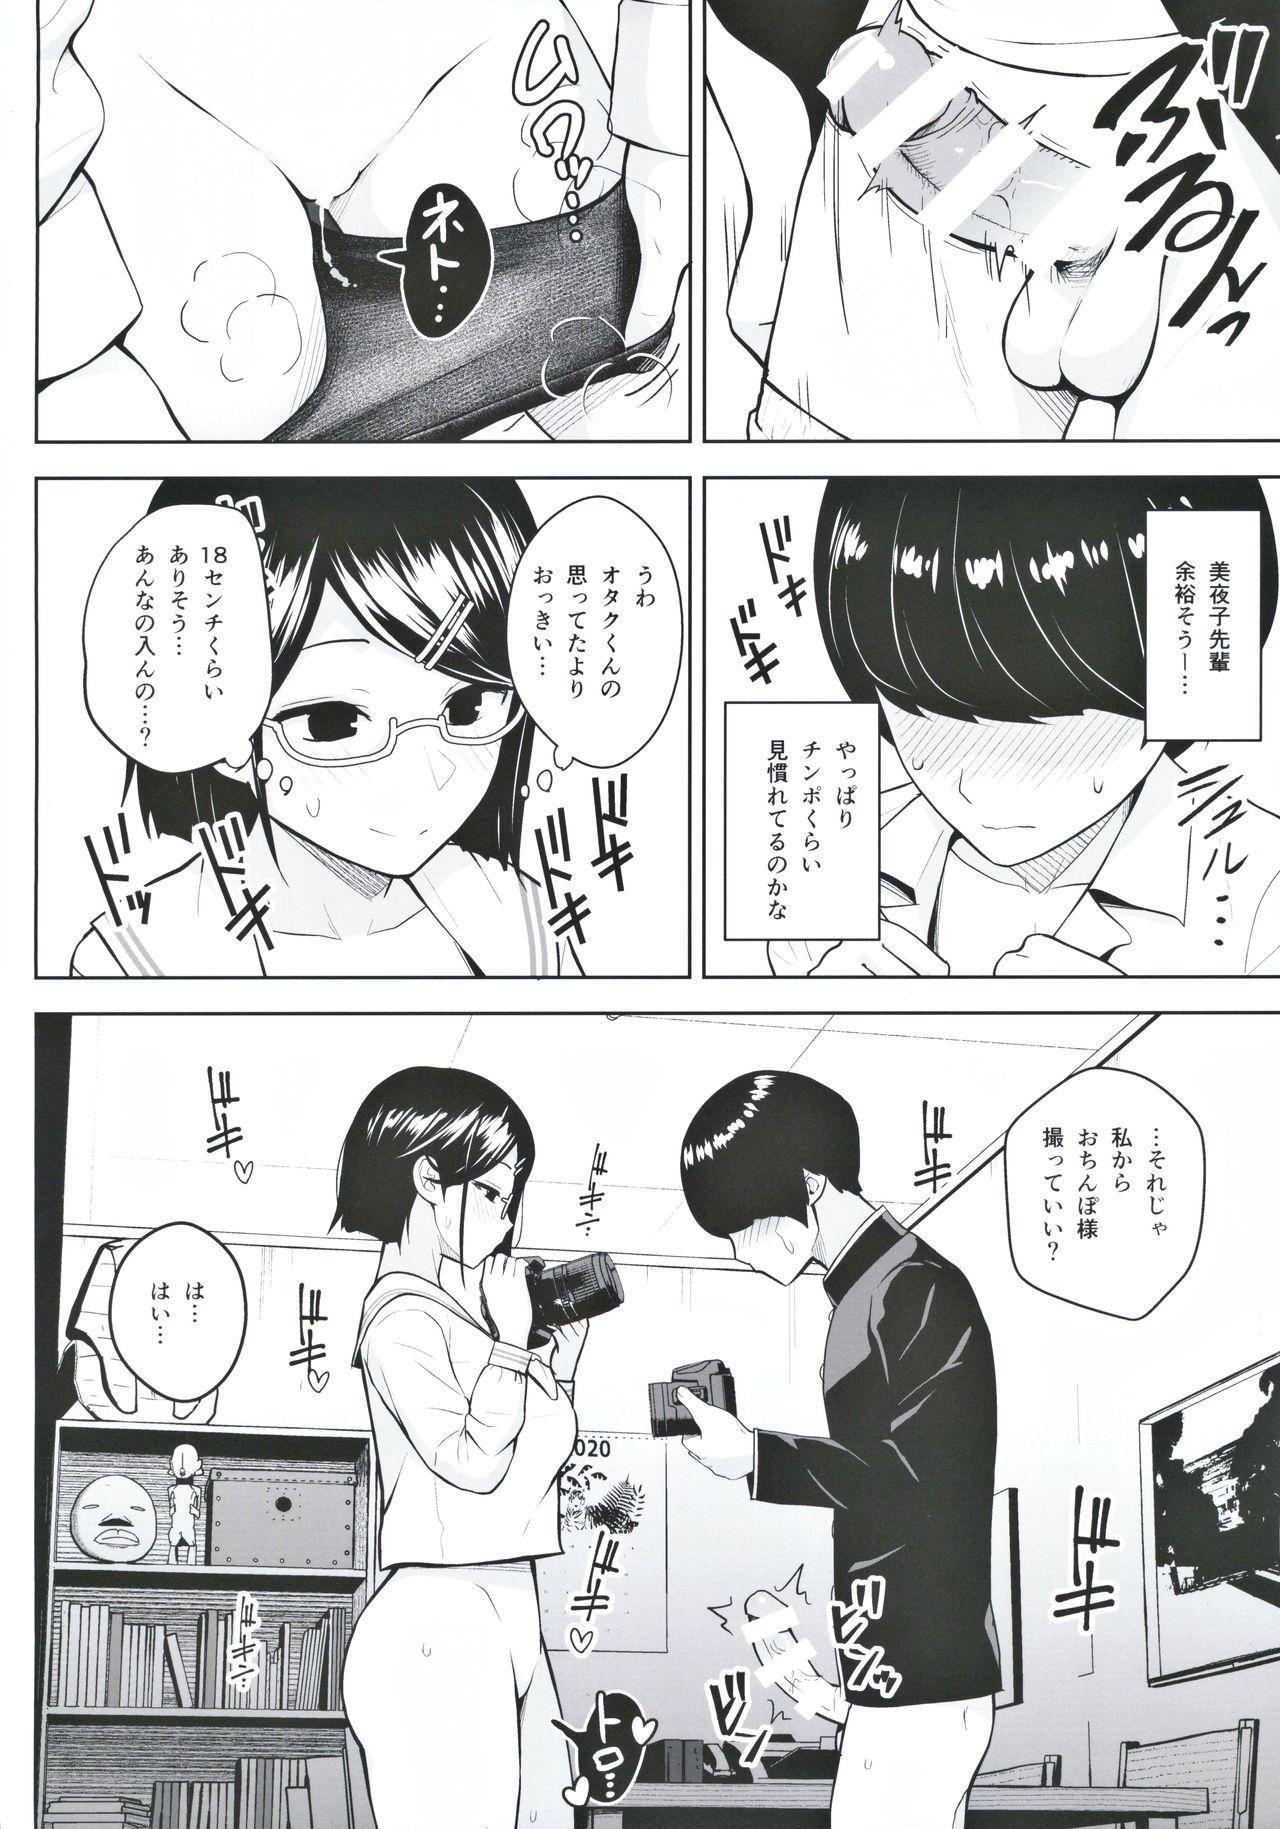 Himitsu no Houkago Satsueikai 10